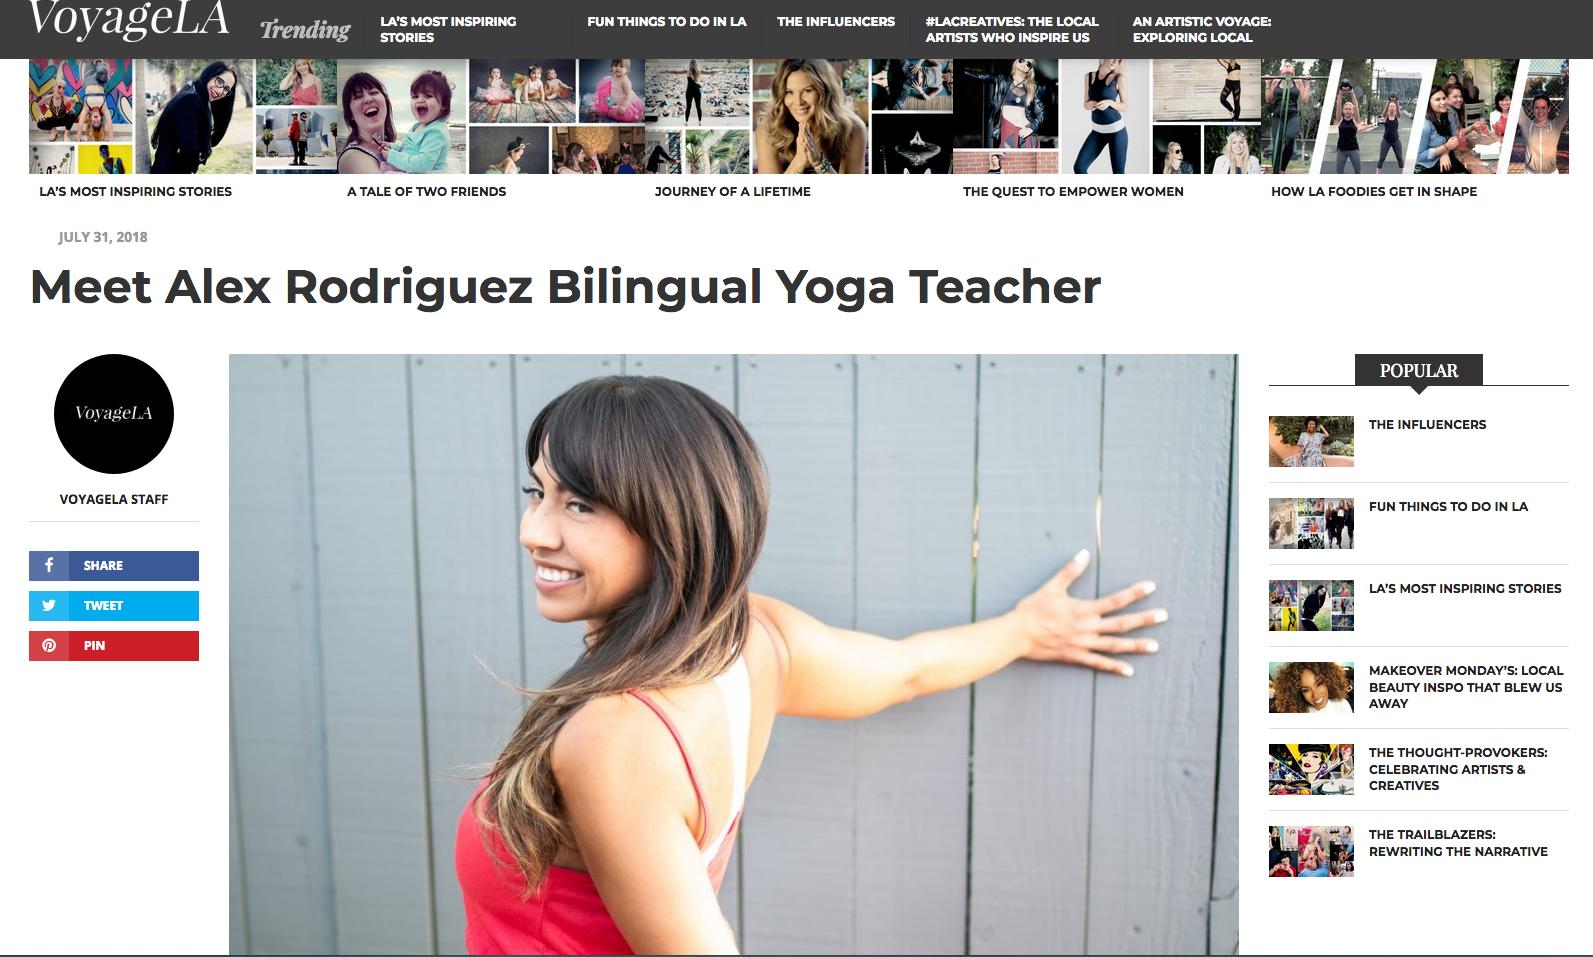 INTERVIEW: MEET ALEX RODRIGUEZ BILINGUAL YOGA TEACHER - VOYAGE LA MAGAZINE